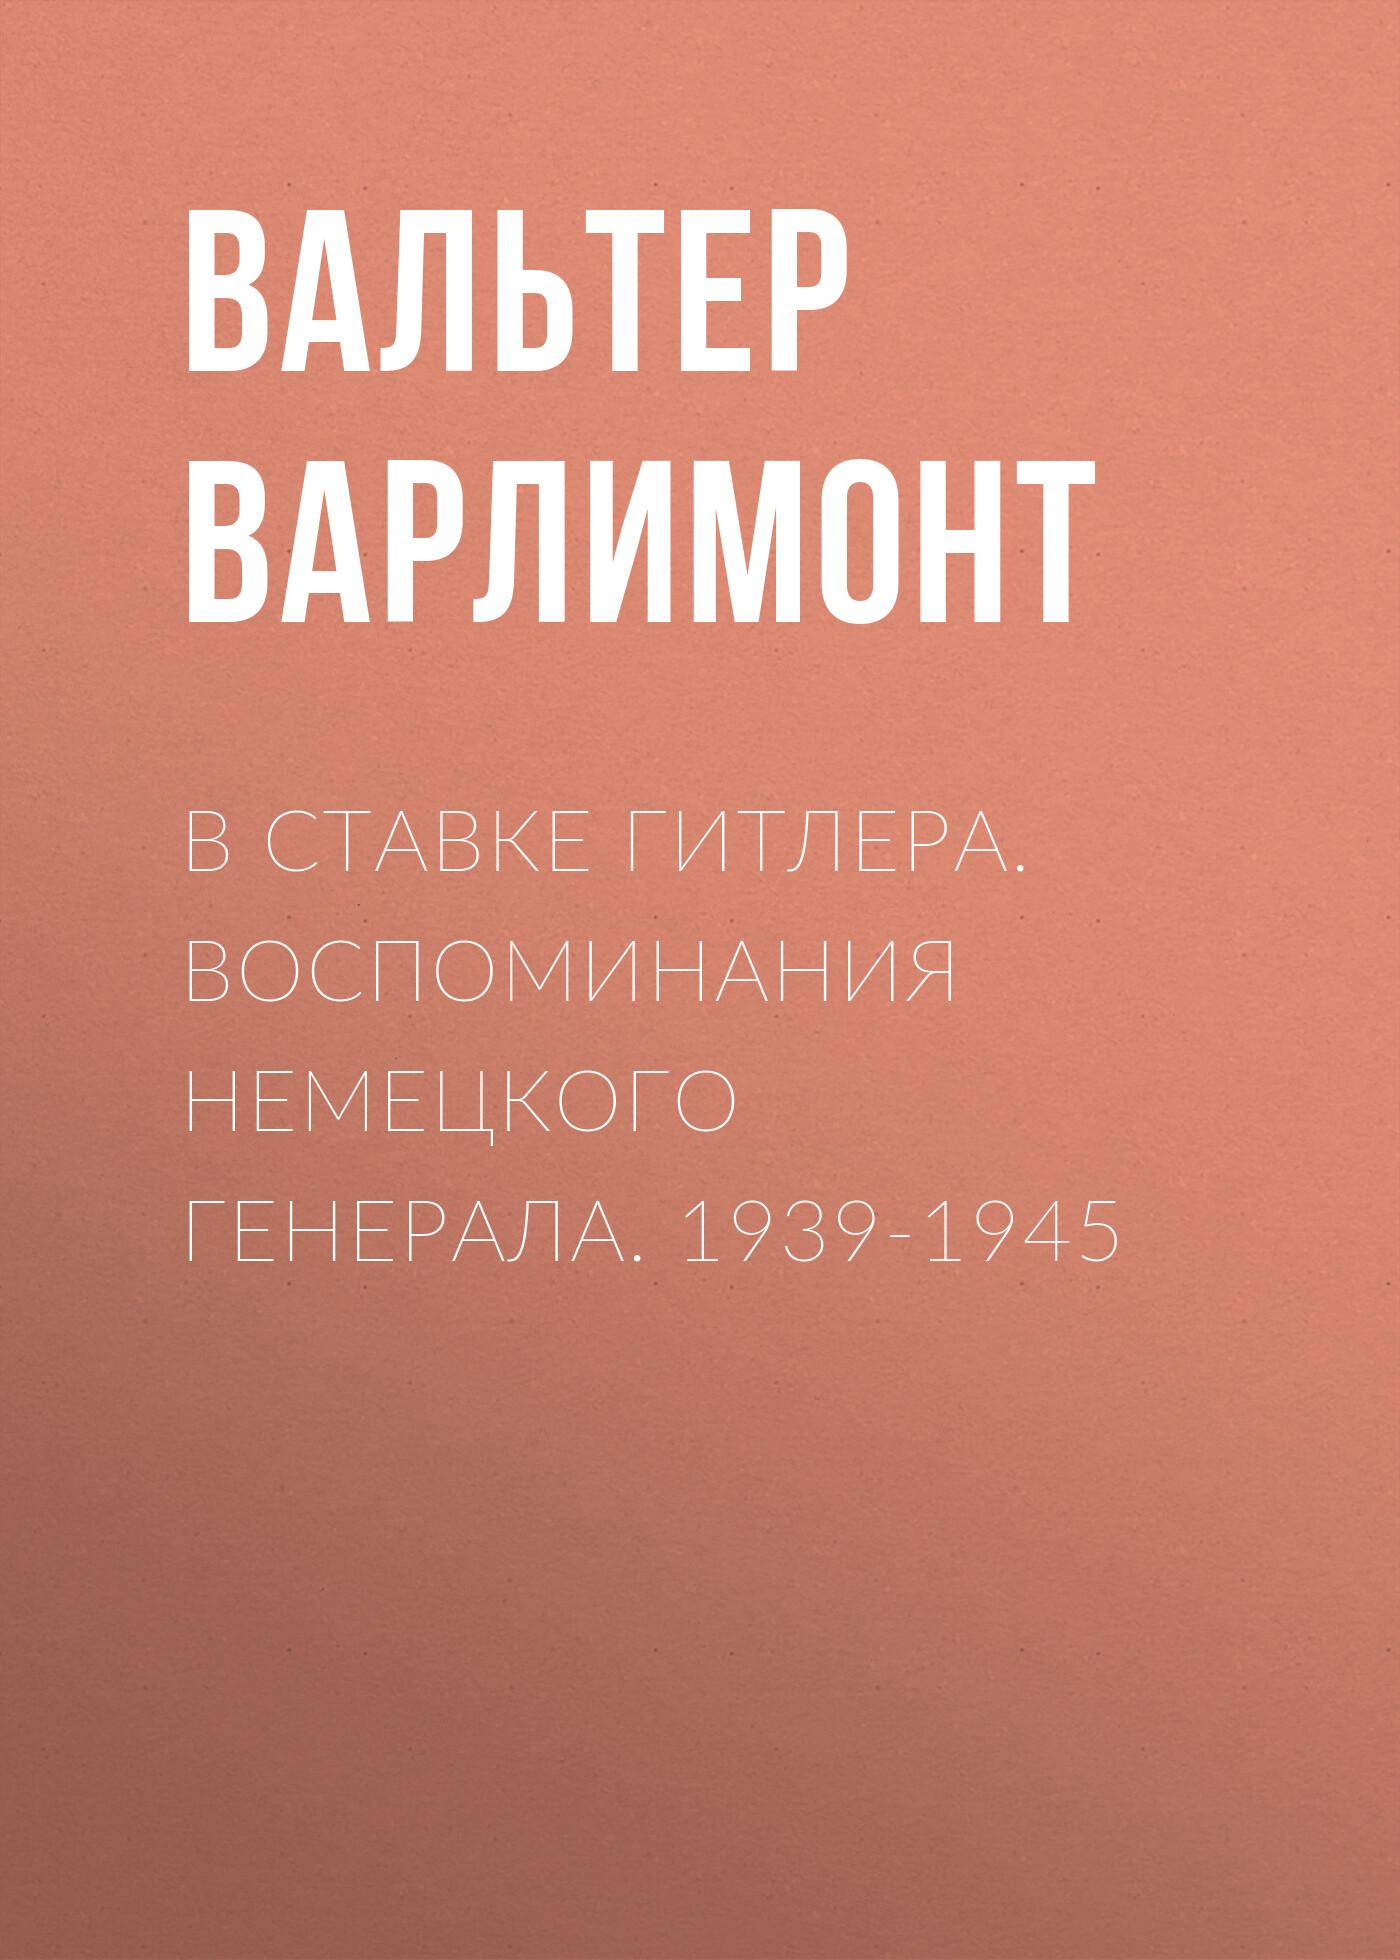 Вальтер Варлимонт В тавке . Вопоминания немецкого генерала. 1939-1945